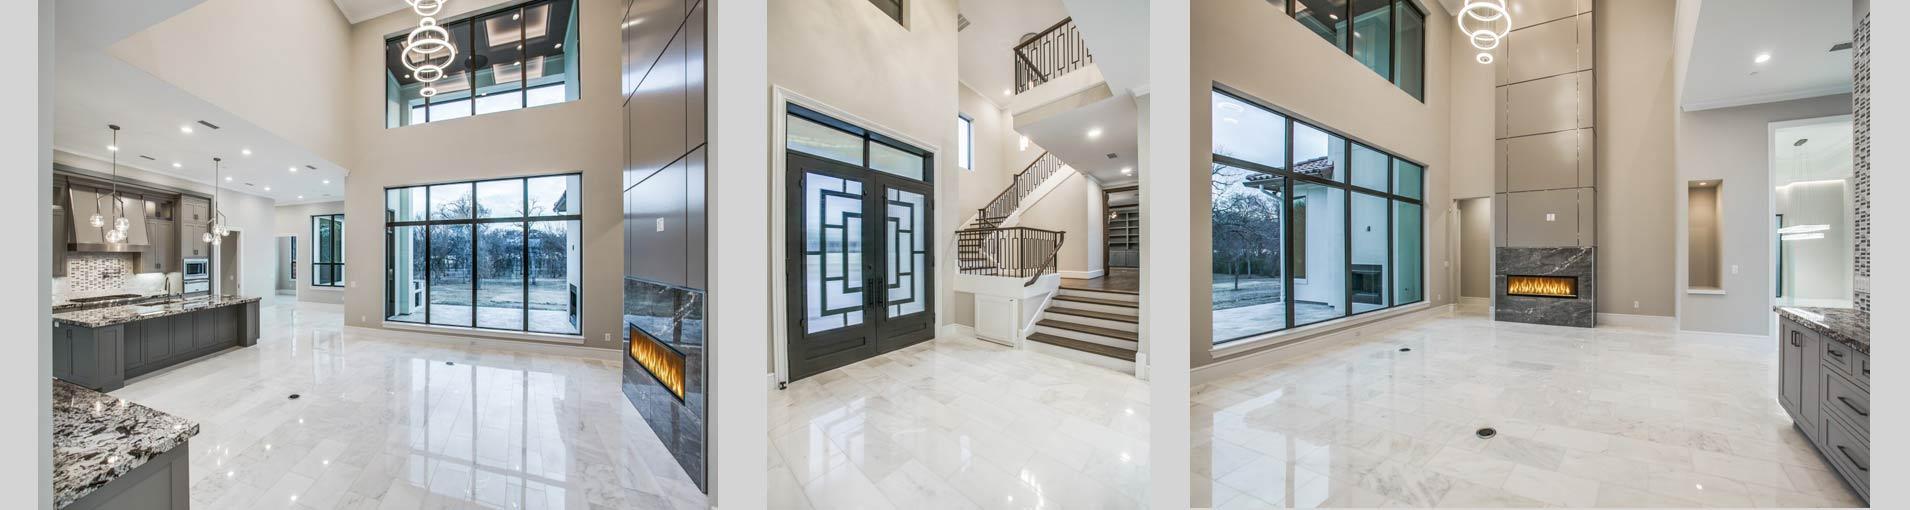 North Dallas Custom Home by Desco Fine Homes, Dallas, Texas Home Builder